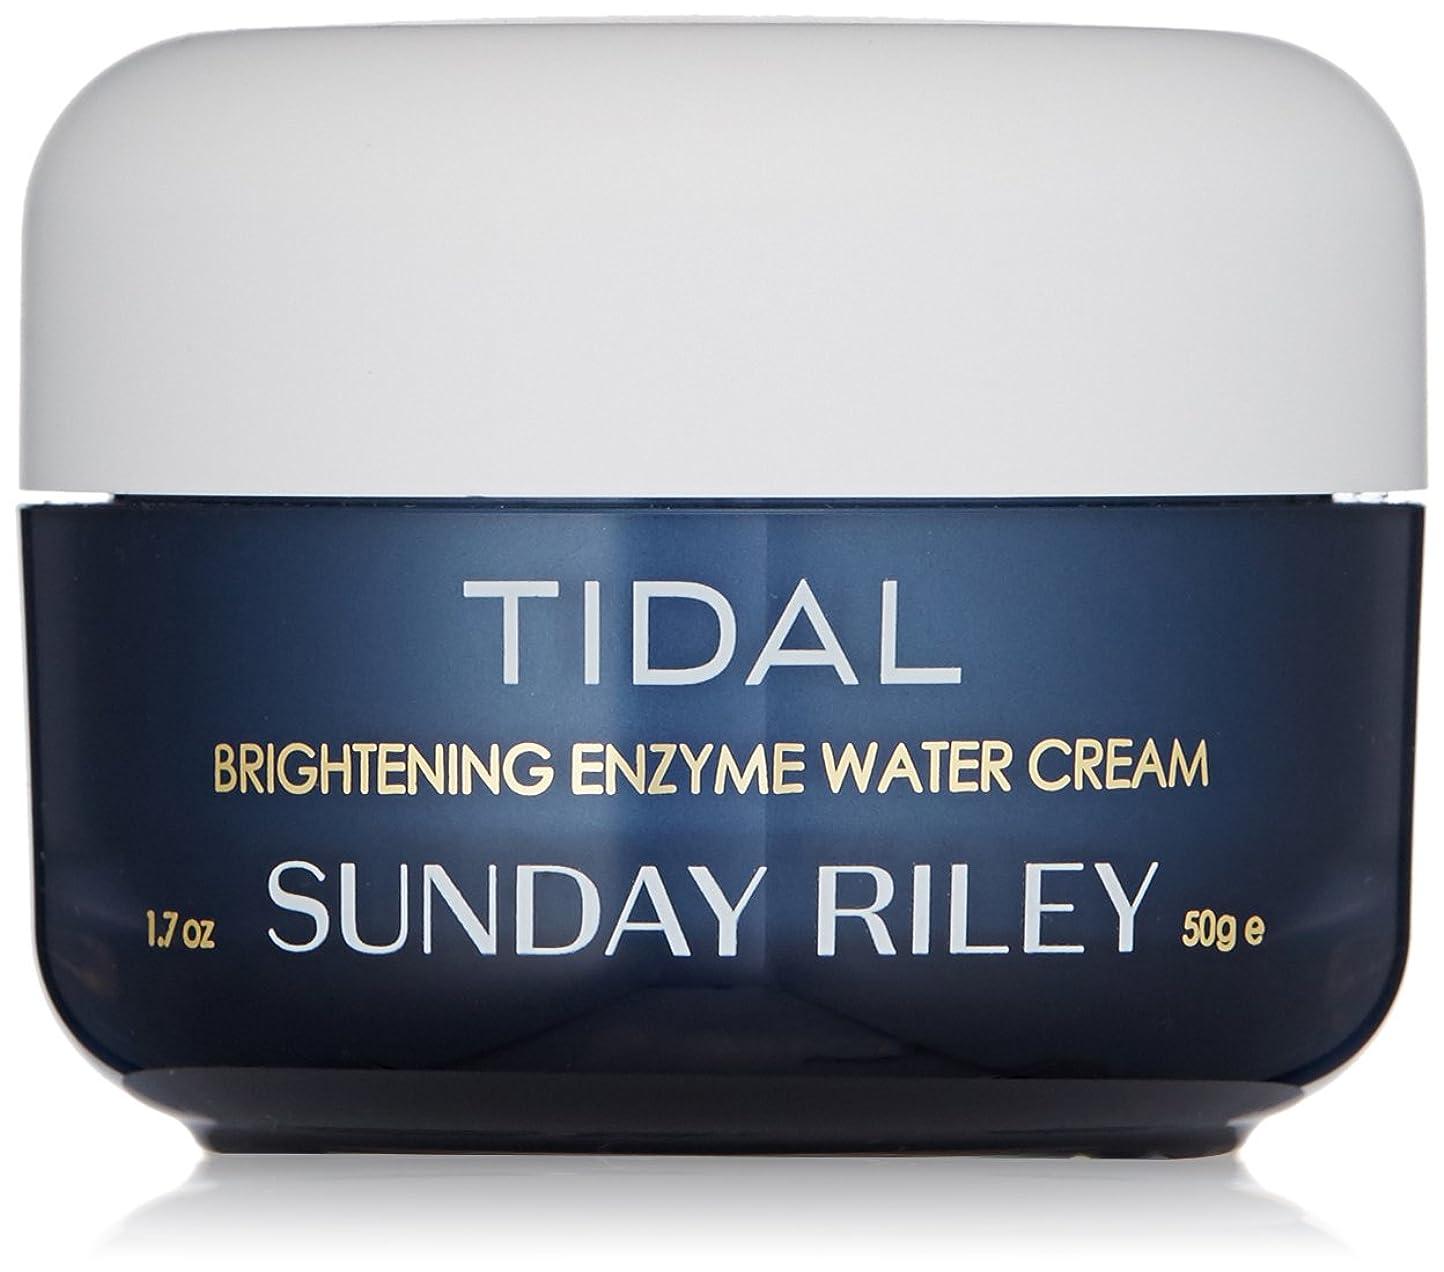 膨張する宿命突然のSUNDAY RILEY Tidal Brightening Enzyme Water Cream 50g サンデーライリー タイダルブライトニング酵素クリーム